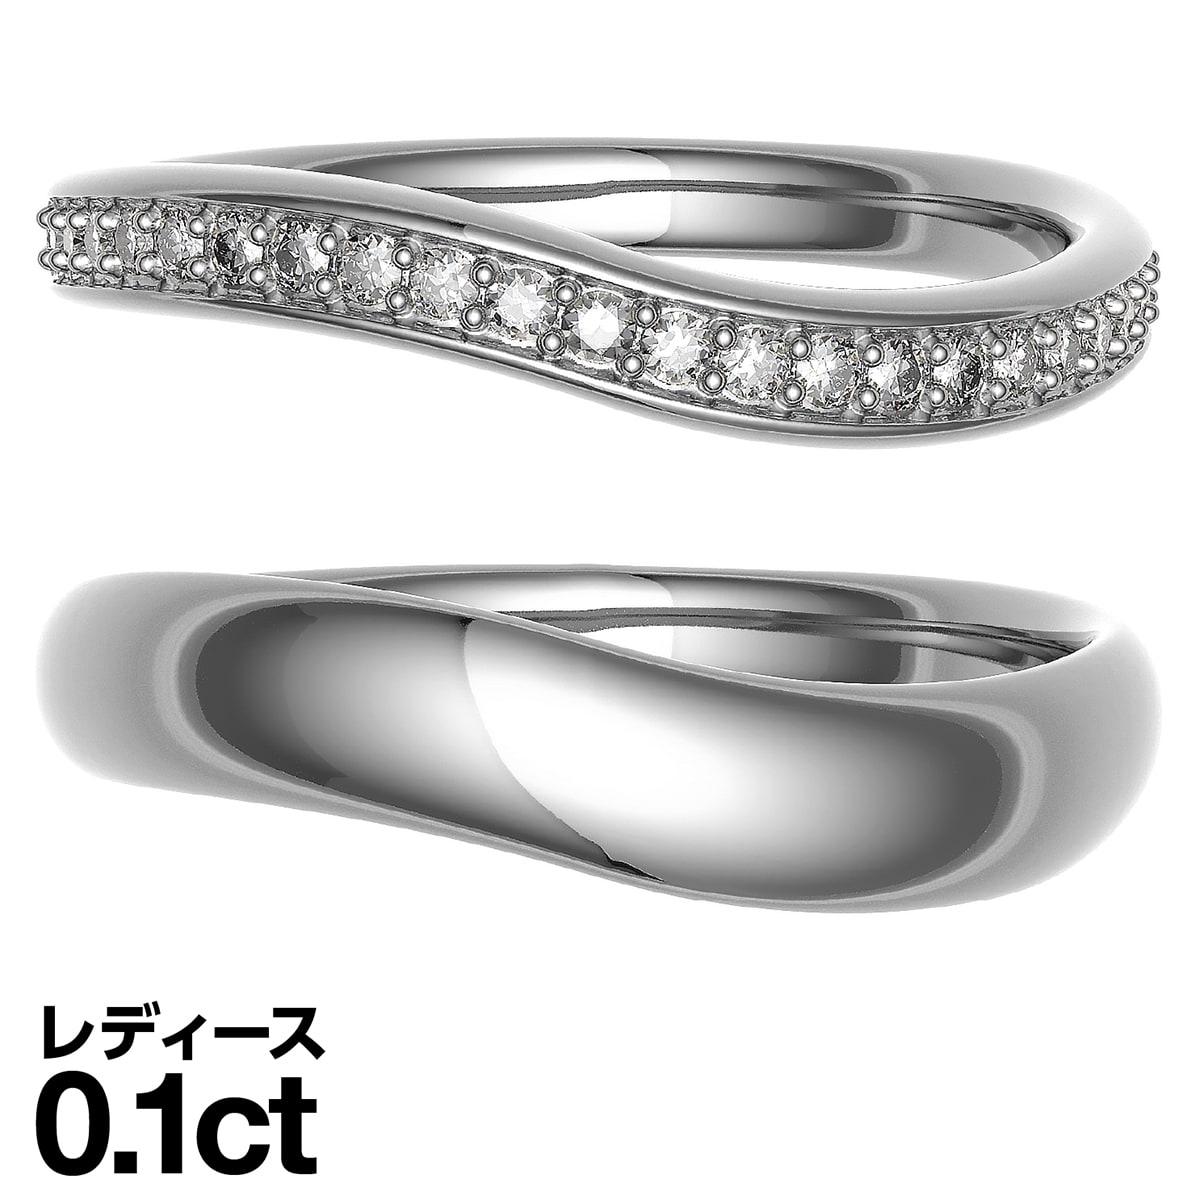 ペアリング 刻印 k10 イエローゴールド ホワイトゴールド ピンクゴールド ダイヤモンド 2本セット 品質保証書 金属アレルギー 日本製 バレンタインqSpzUMV